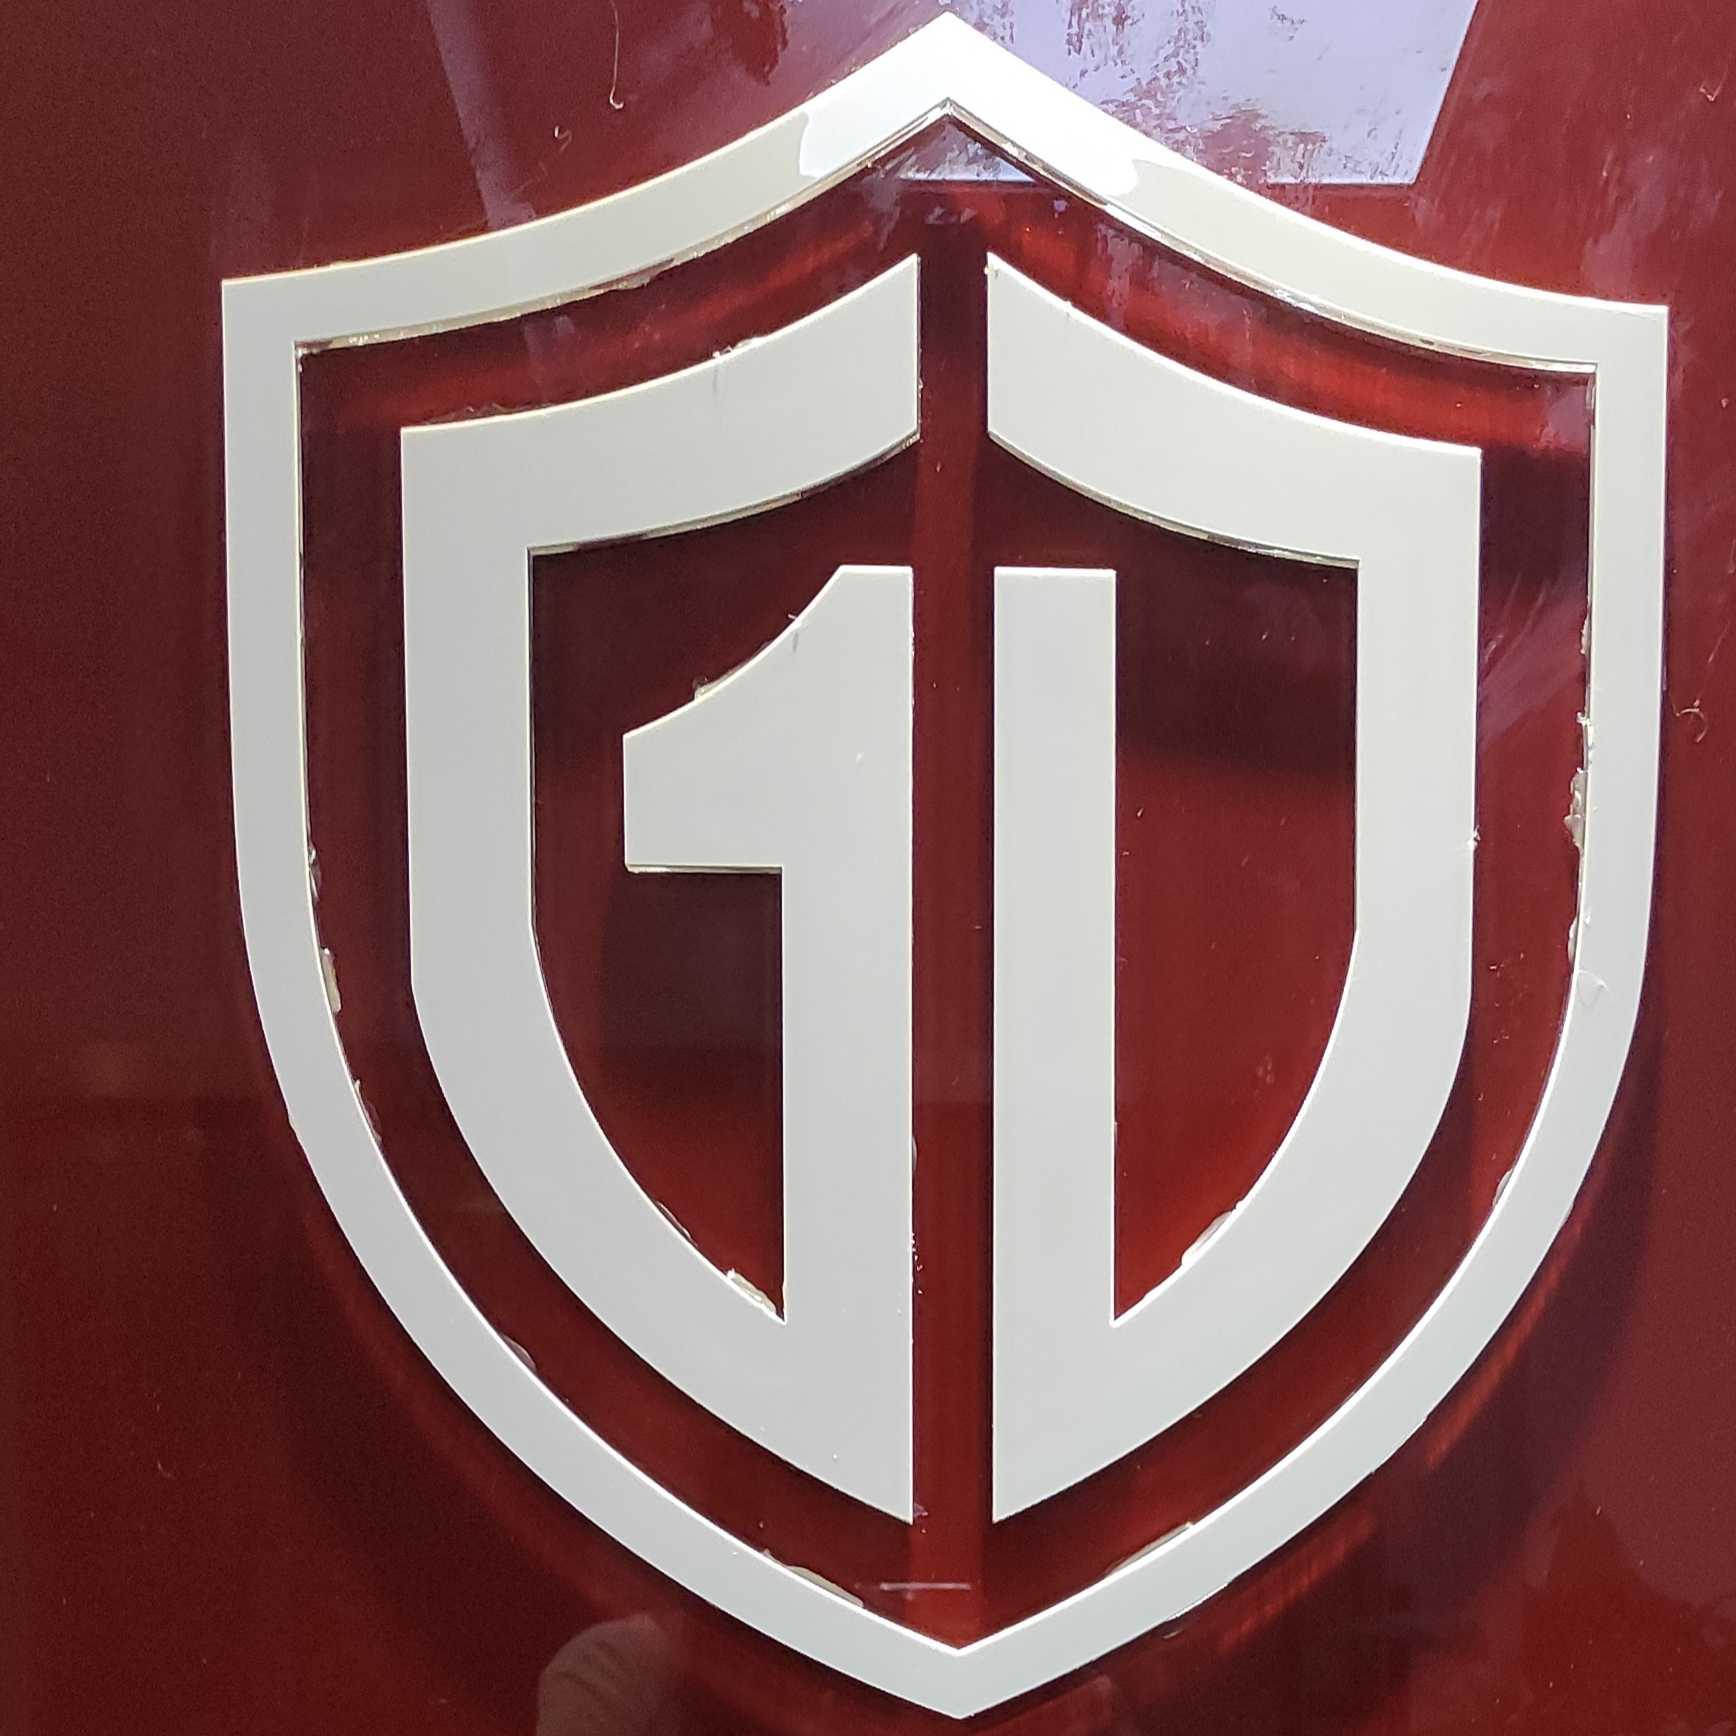 公司主要从事安防安保的工作